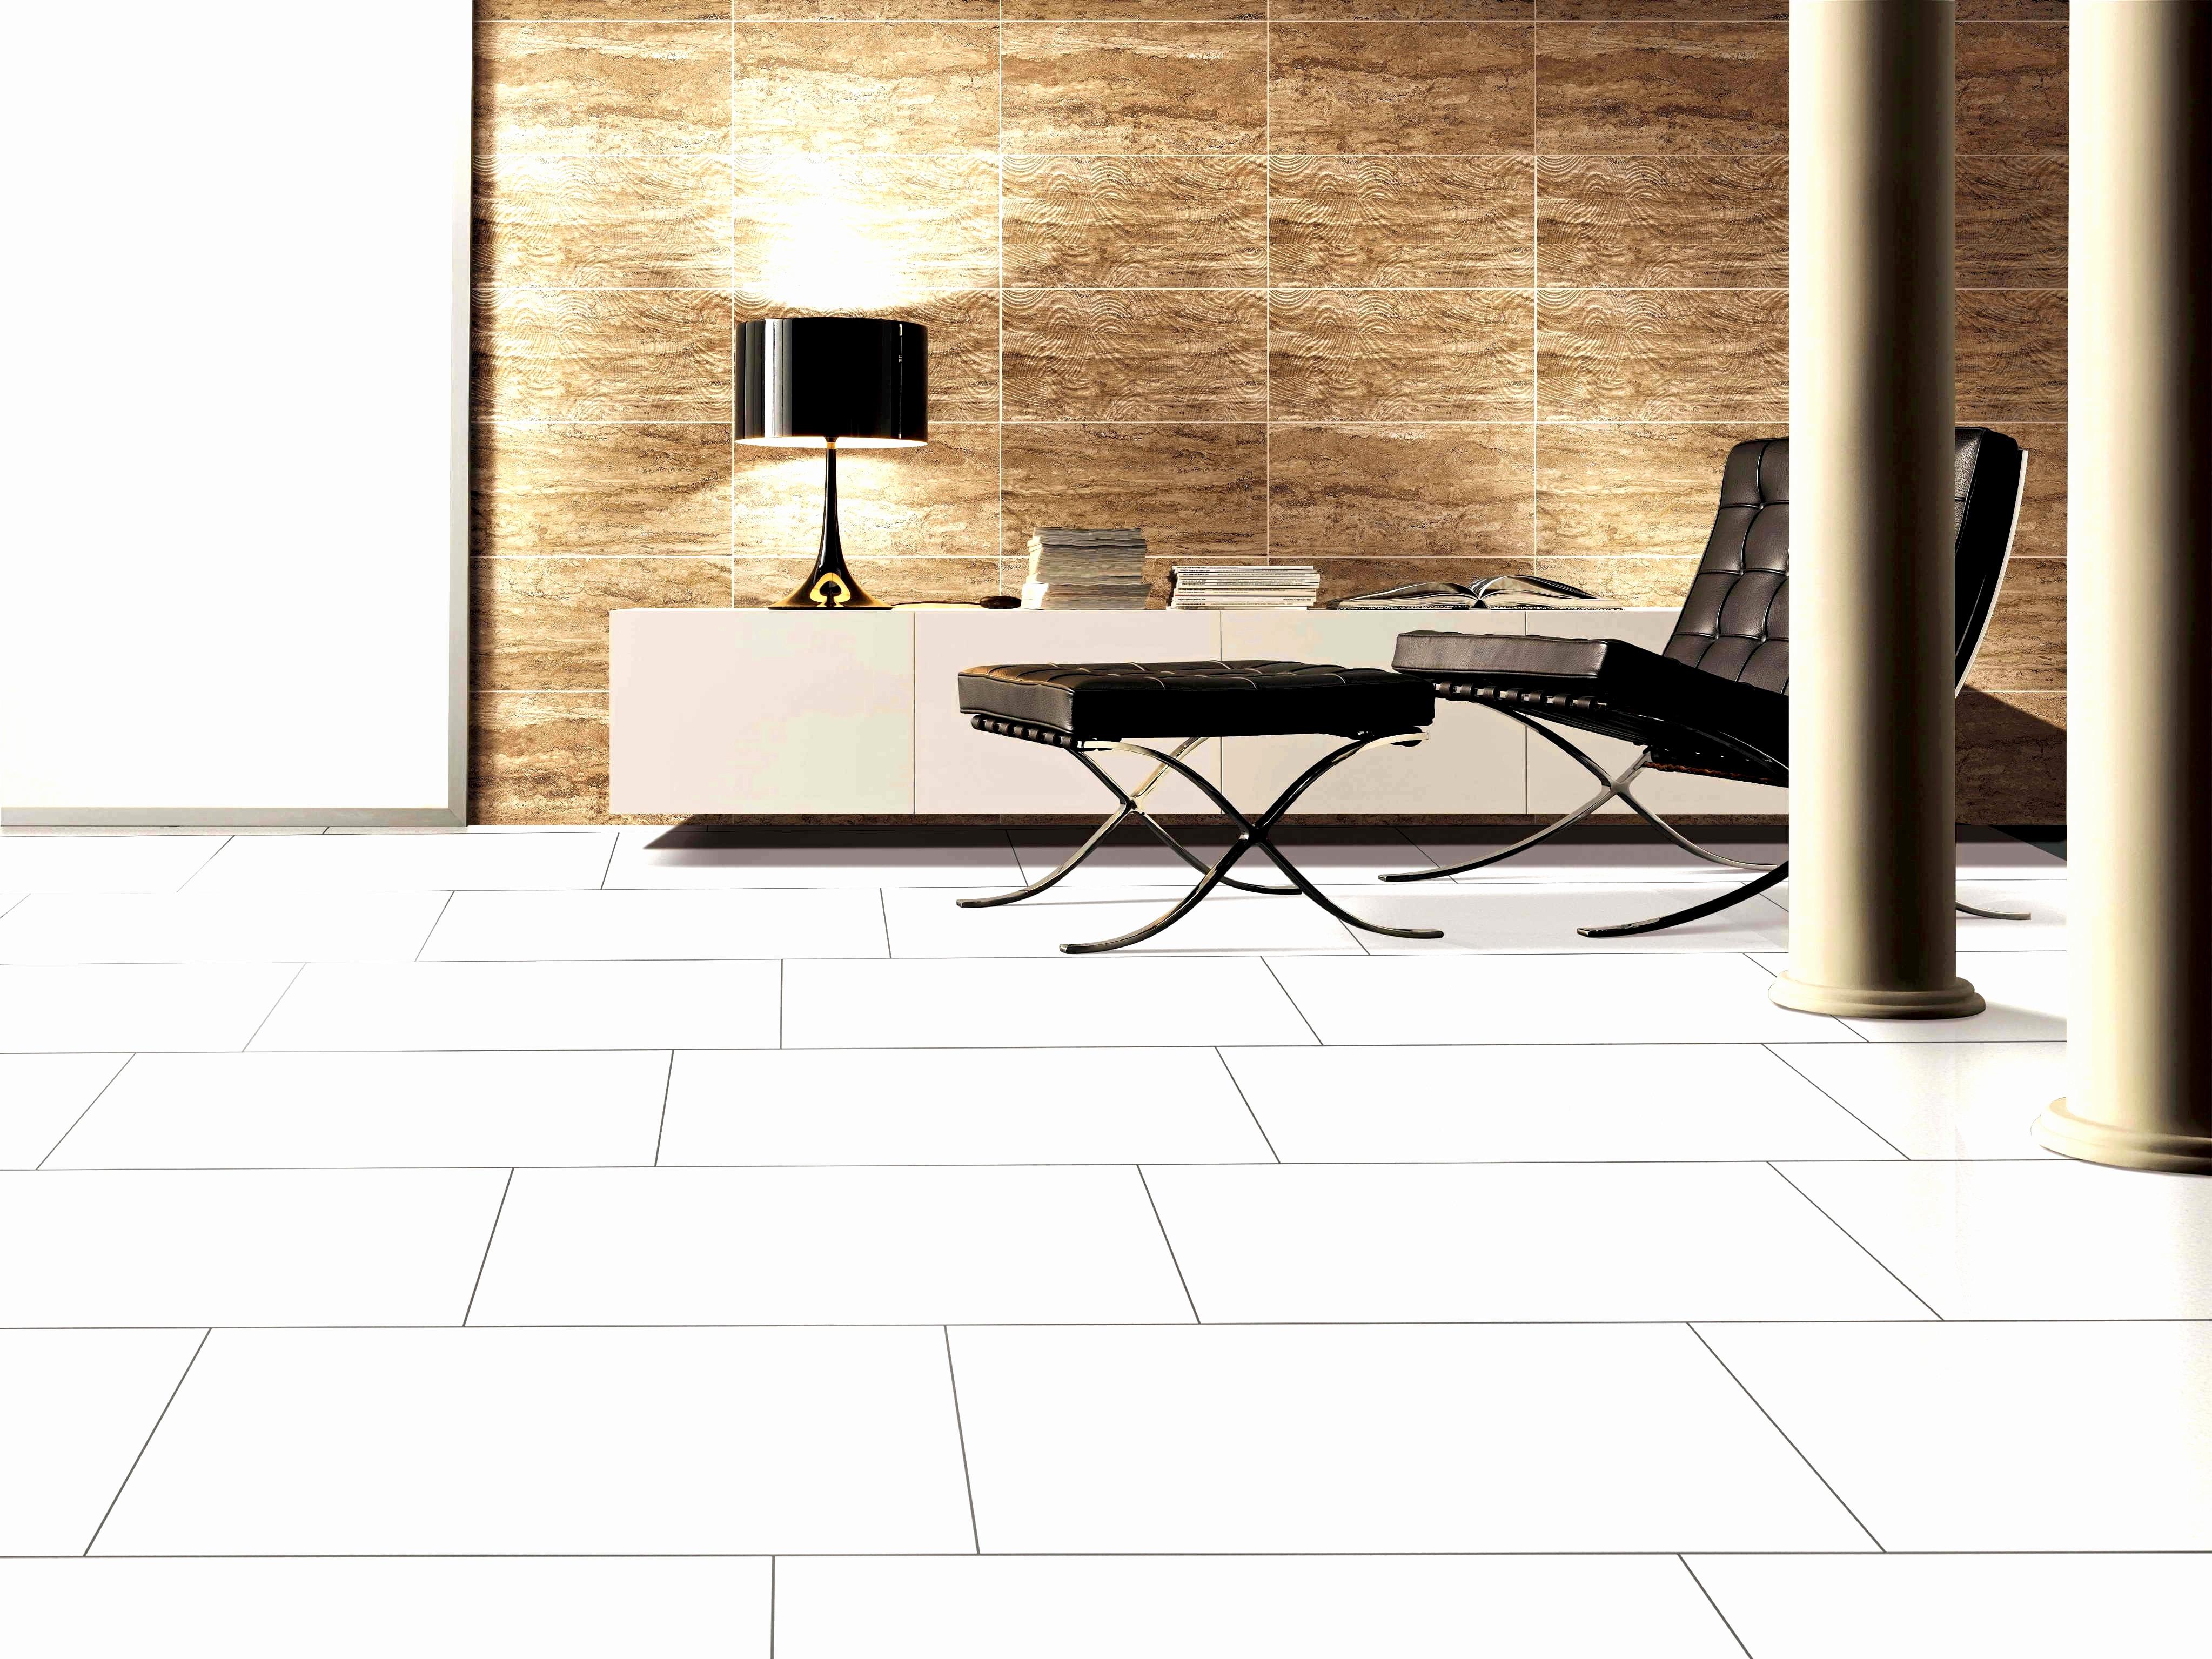 hardwood flooring cost los angeles of hardwood floor estimate floor plan ideas for elegant luxury new new tile floor heating lovely bmw e87 1er 04 07 120d 2 0d